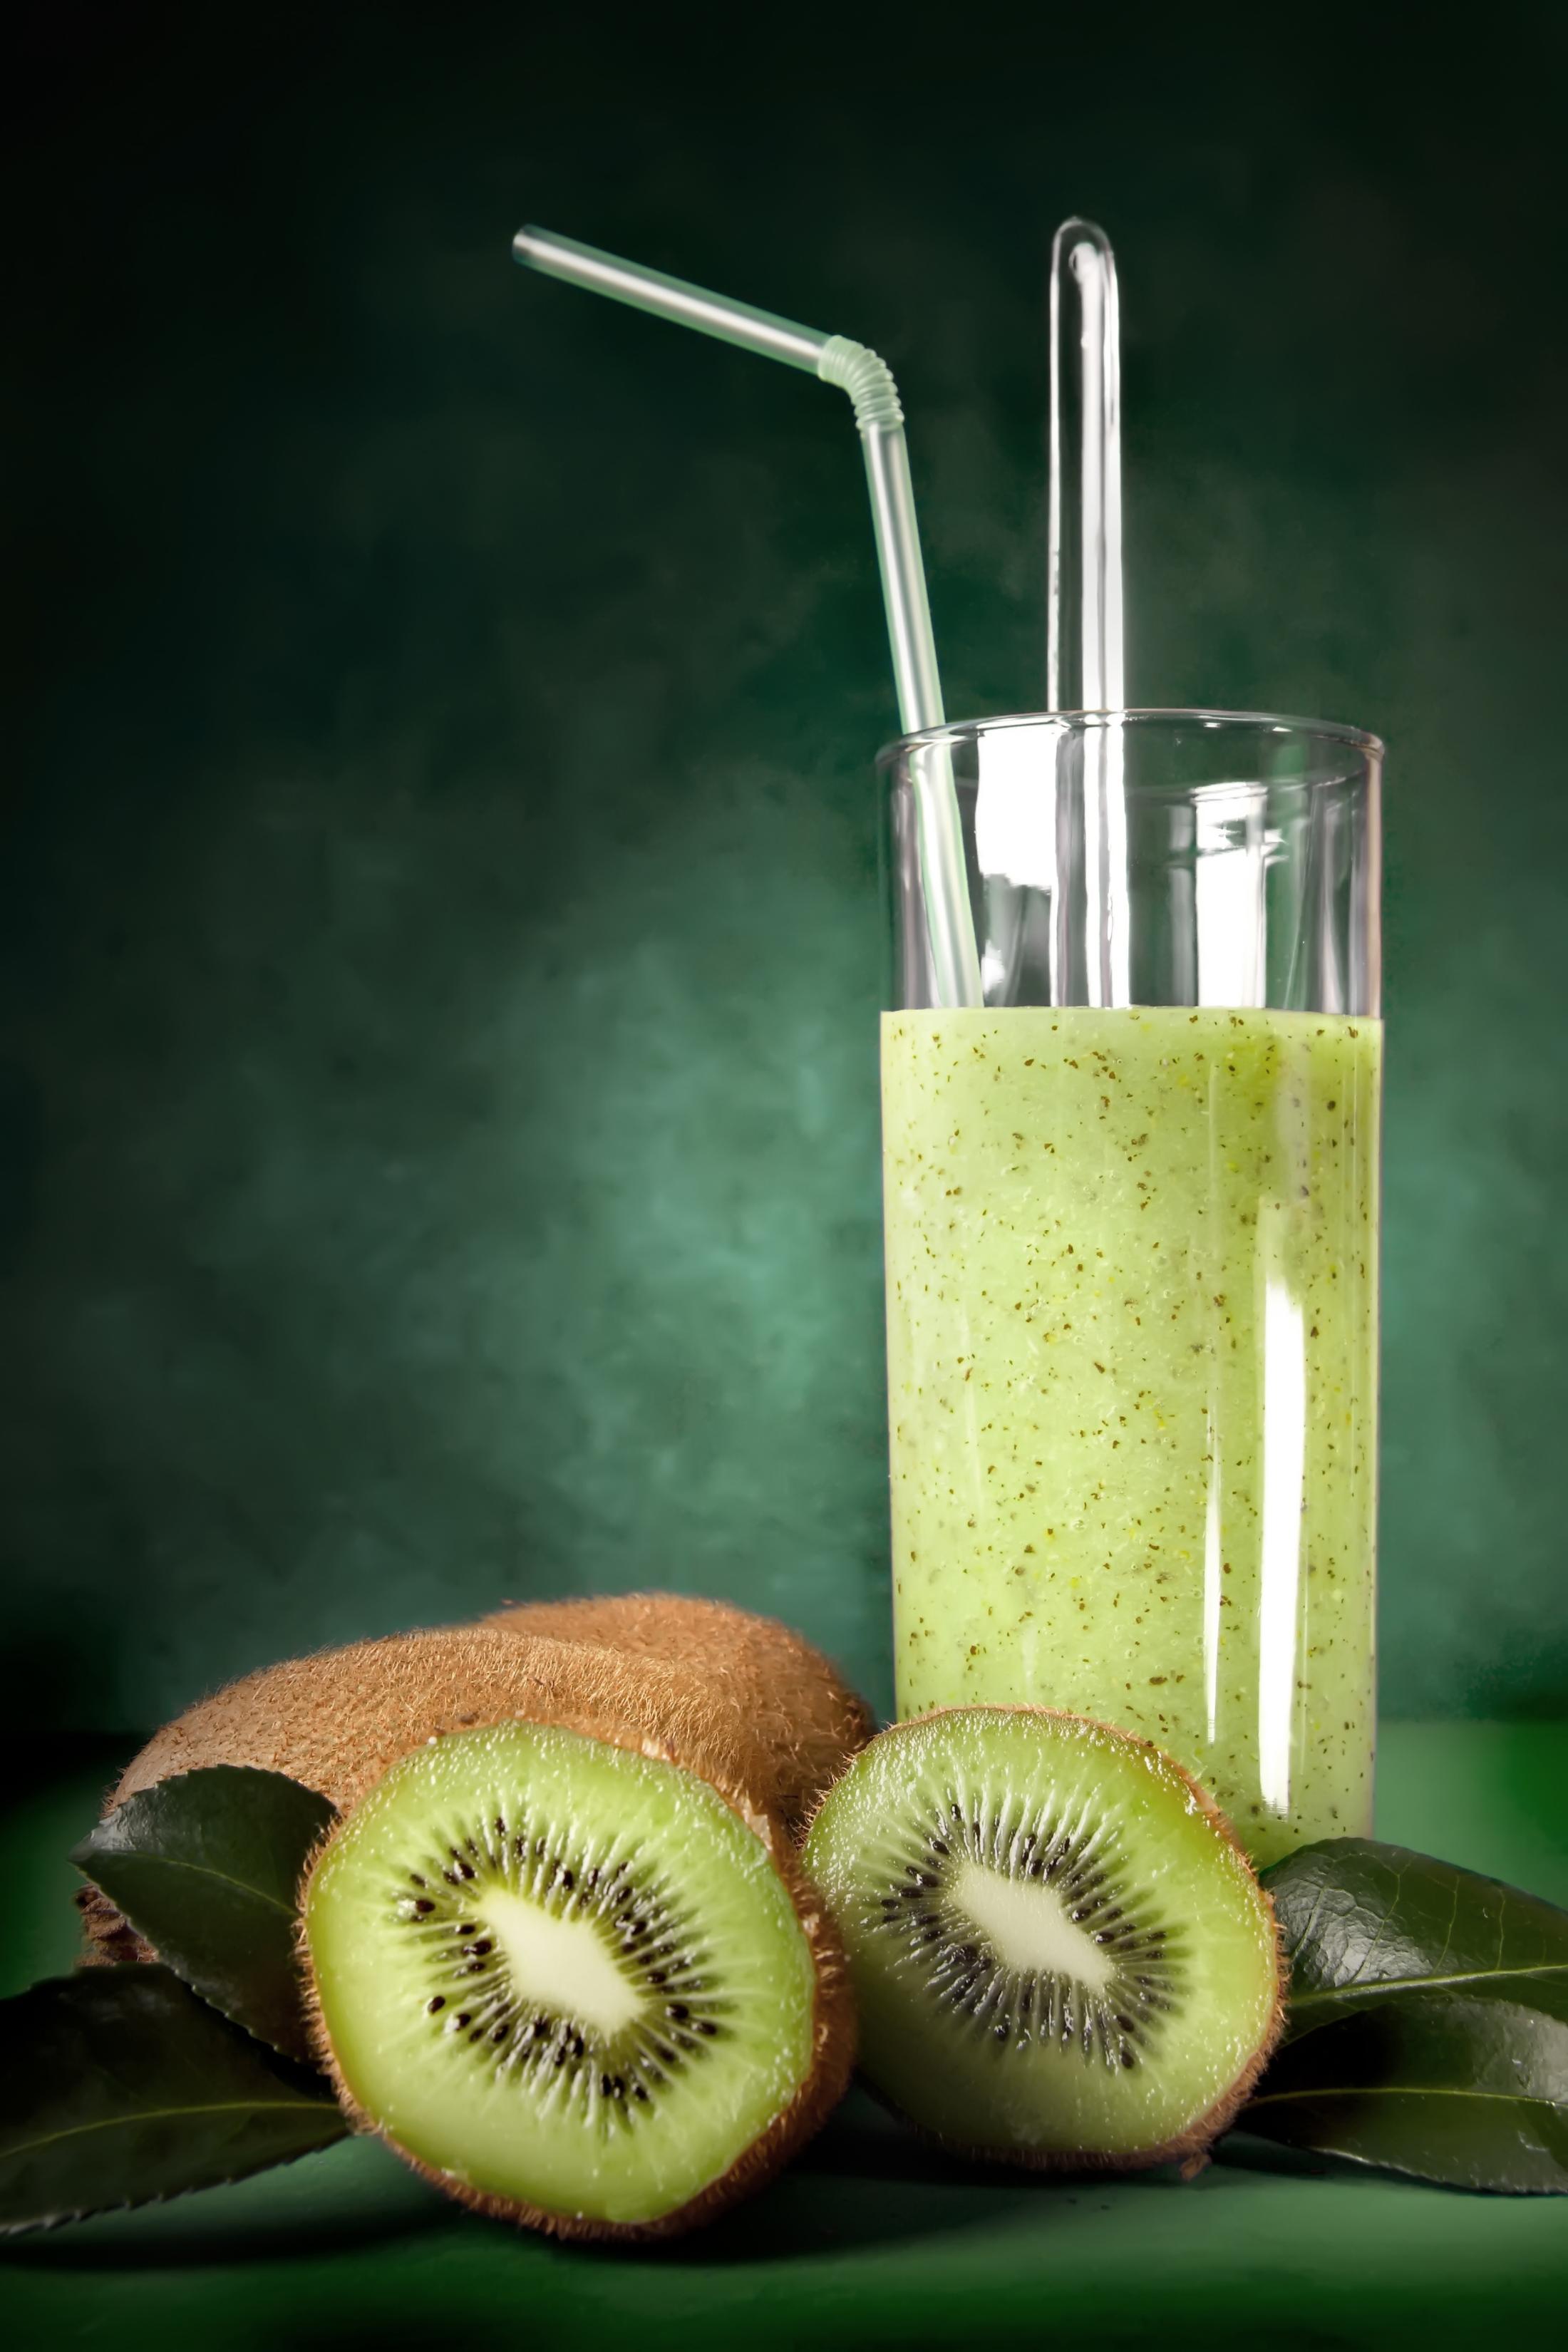 Фотография Сок Киви Стакан Еда 2200x3300 для мобильного телефона стакана стакане Пища Продукты питания